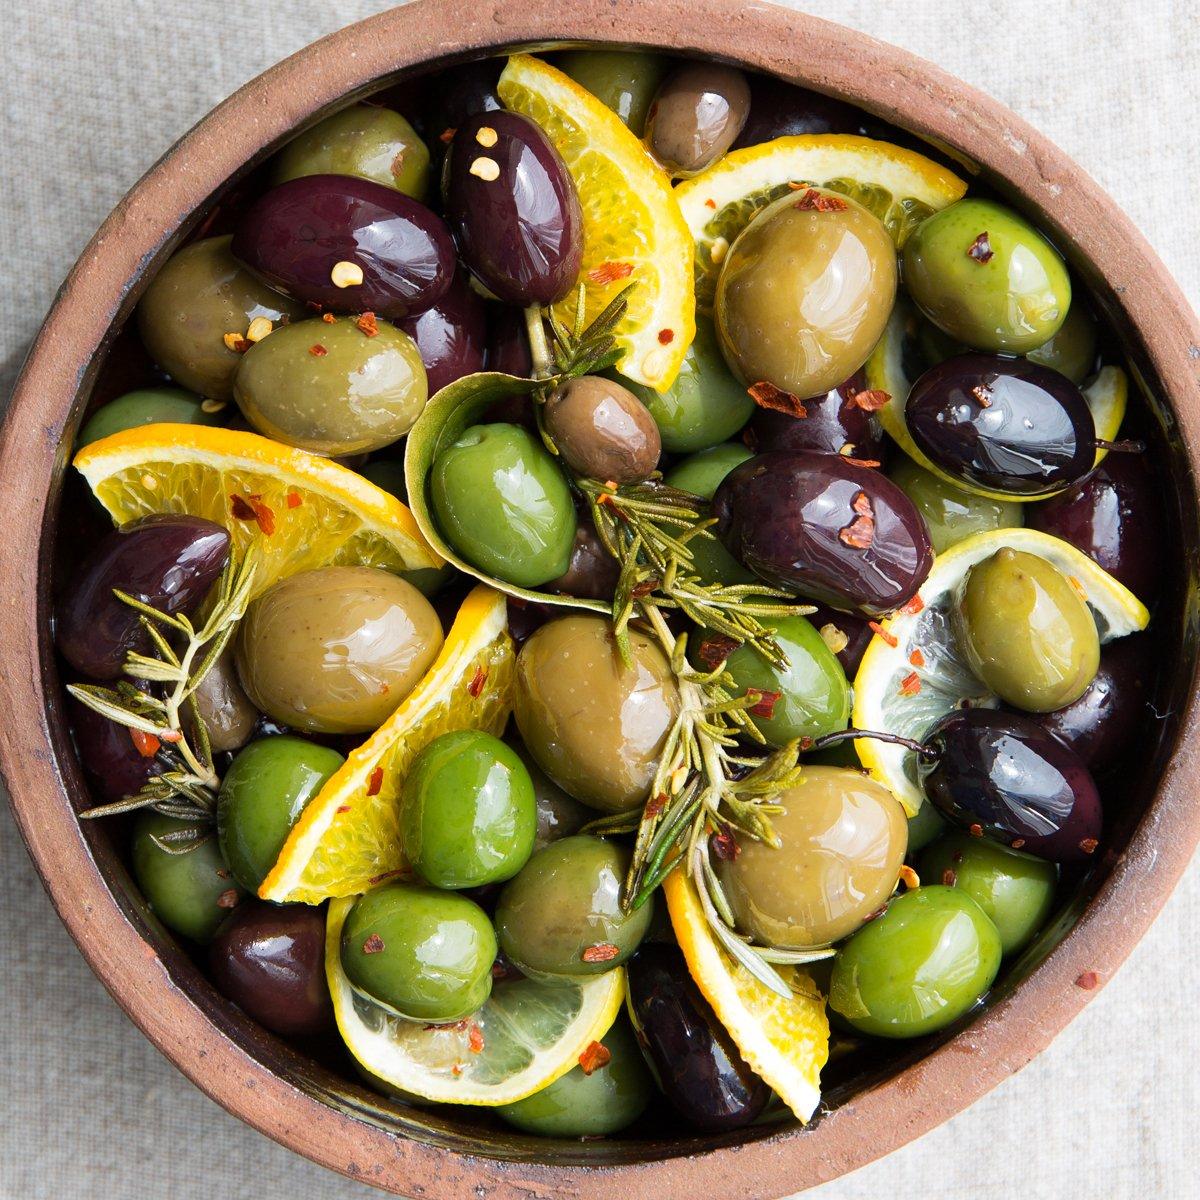 FruitsfromChile photo